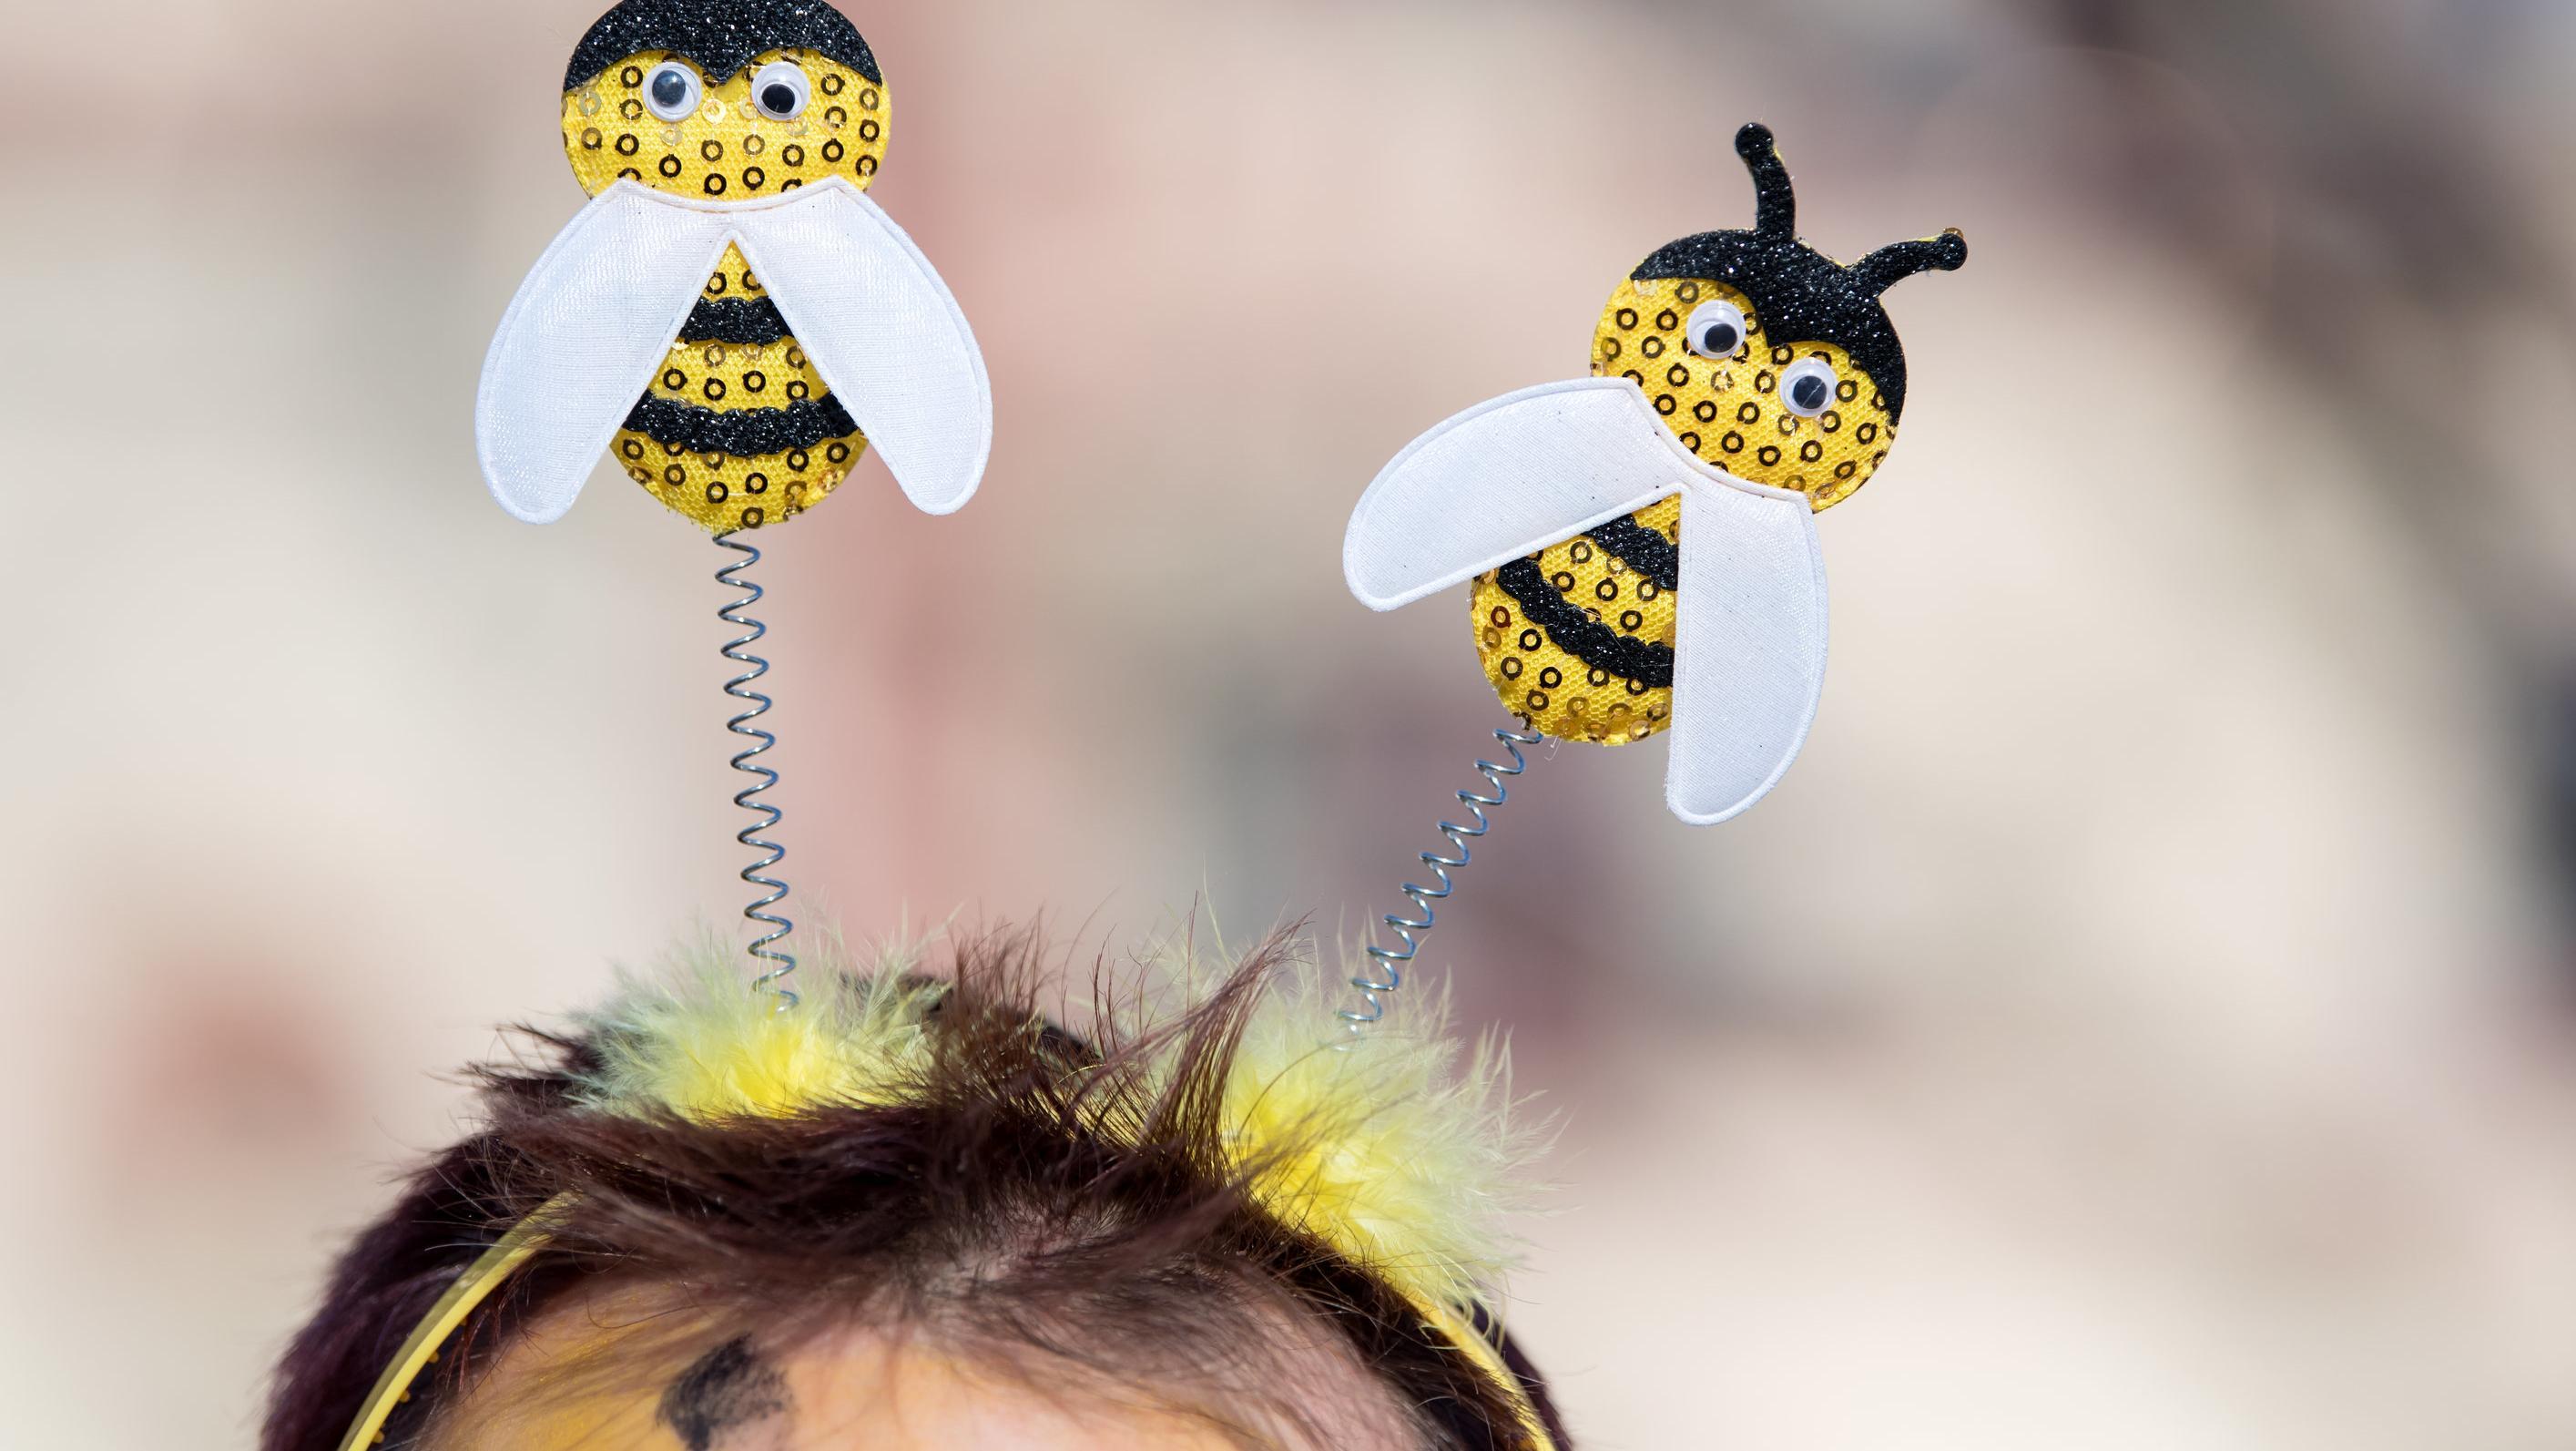 Gebastelte Bienen auf dem Haarreif von Pro-Volksbegehren-Demonstranten am 5. Februar in München.